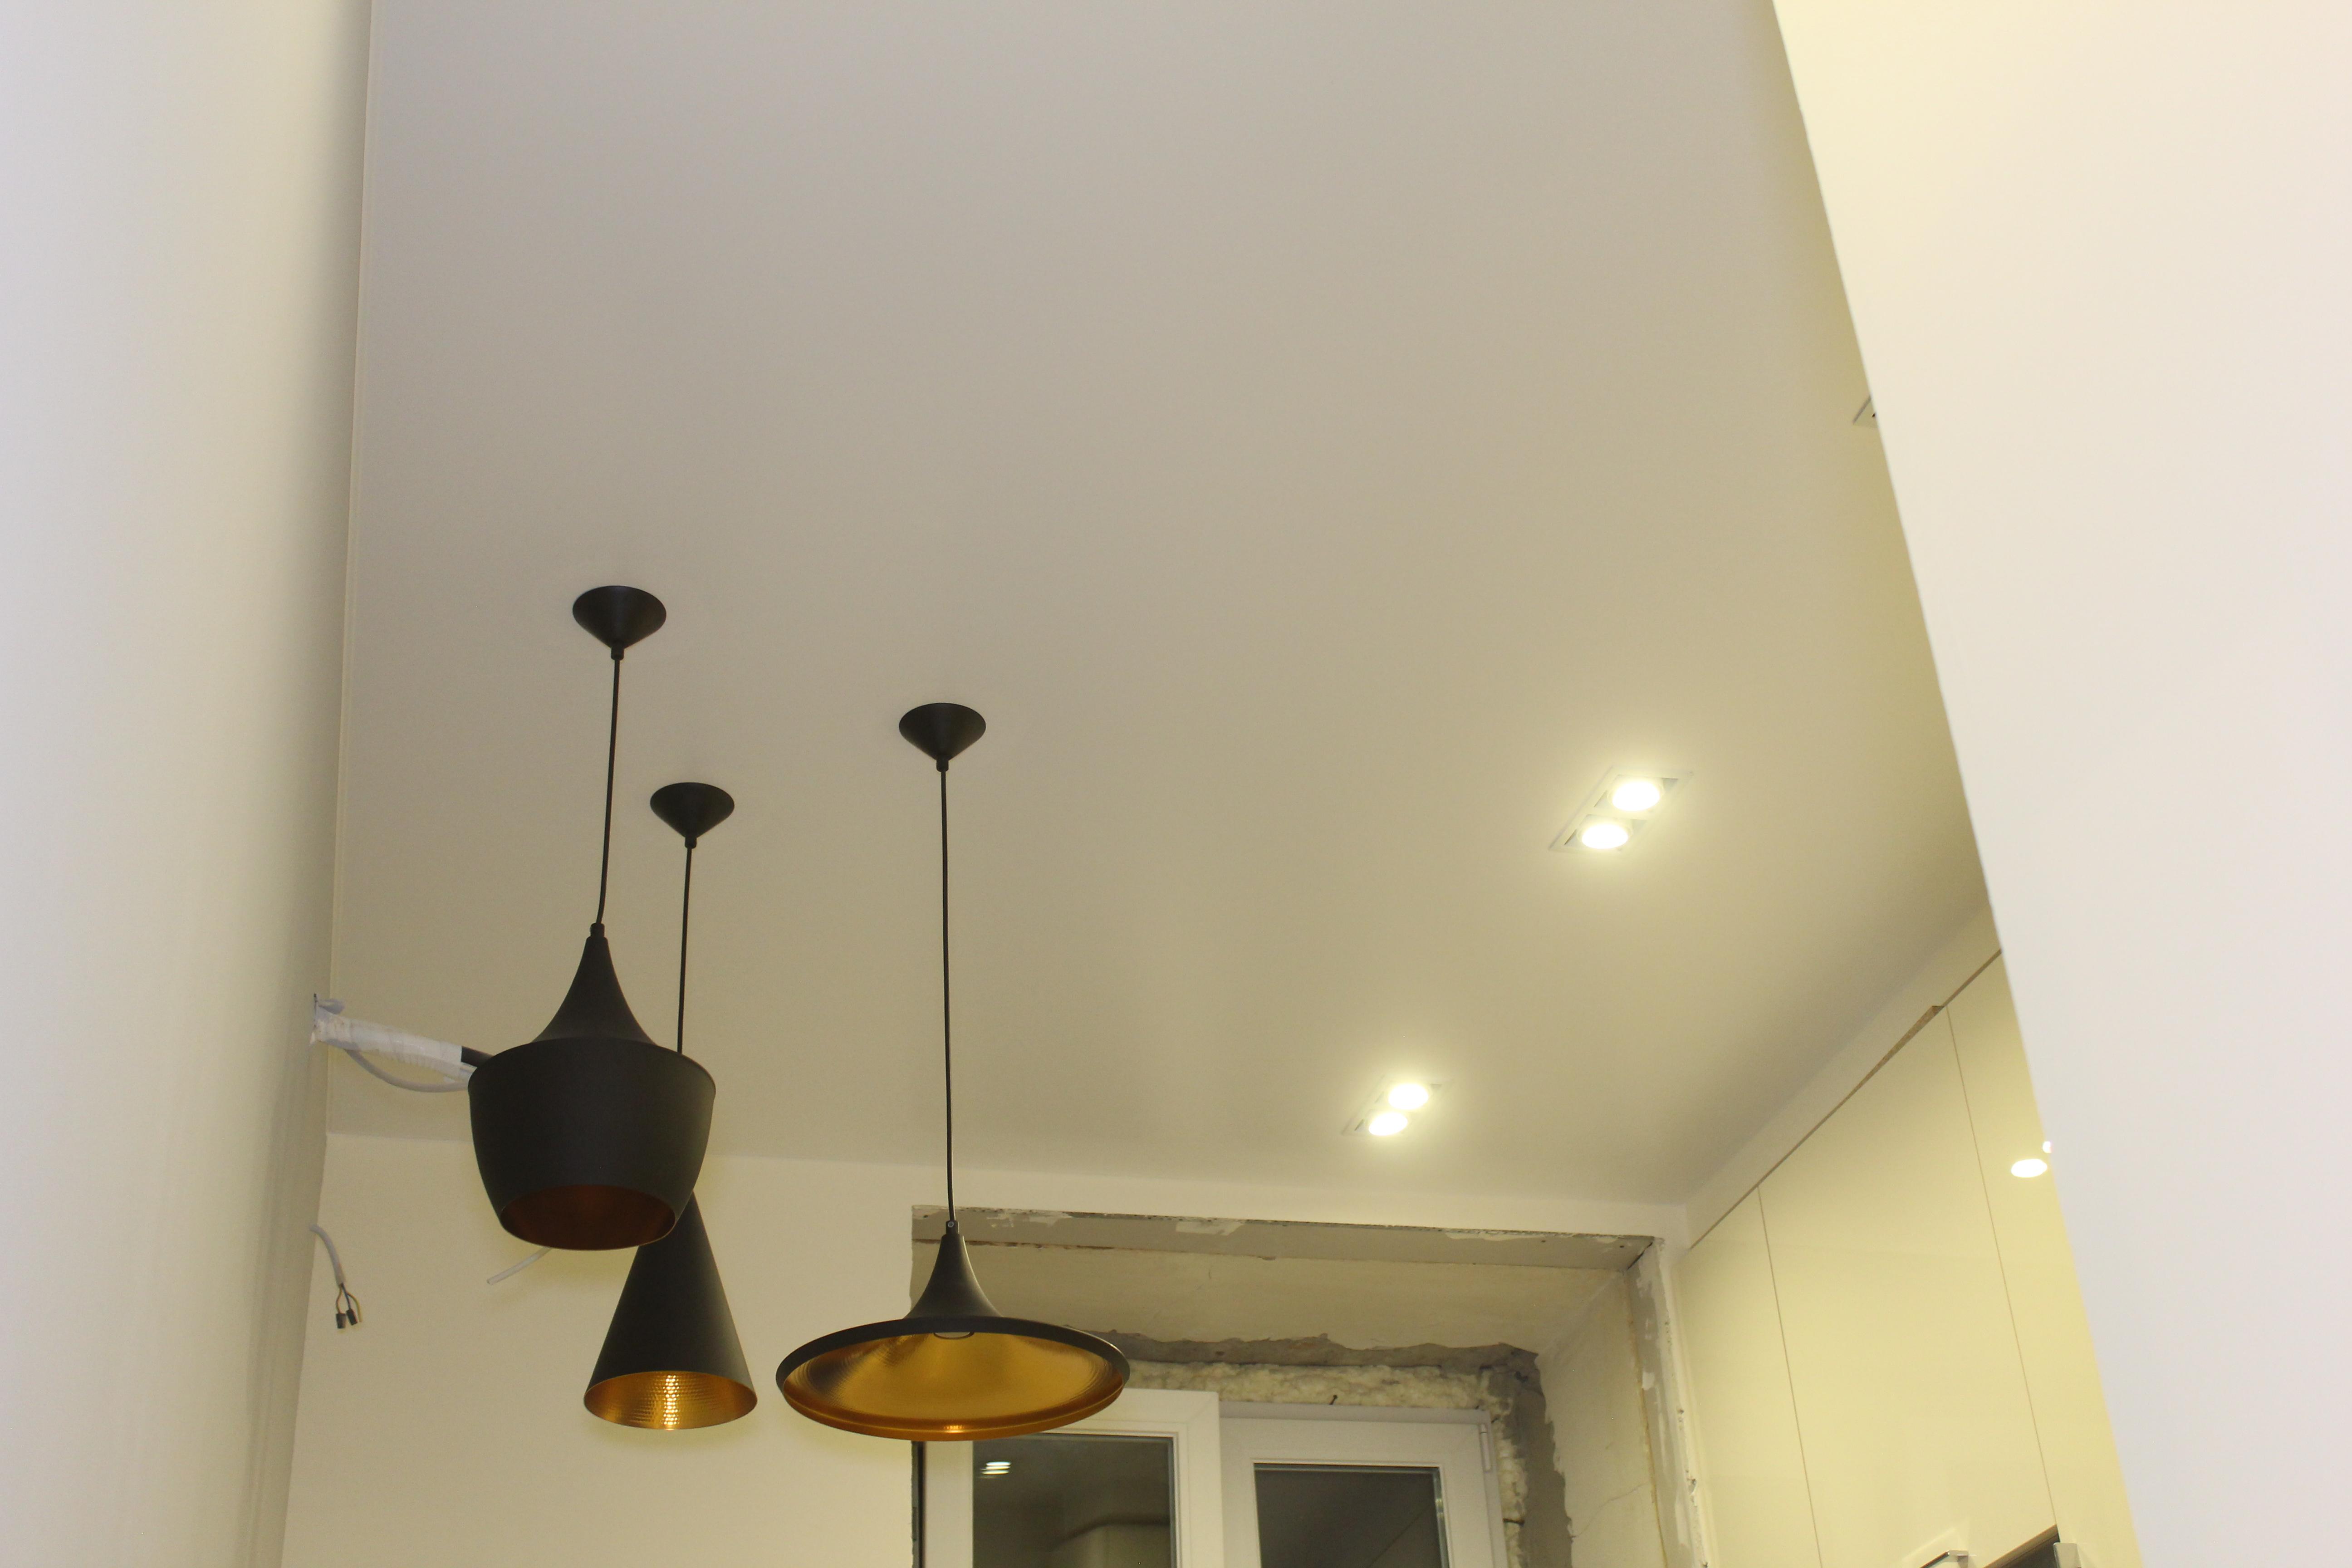 осветительный прибор для натяжной конструкции